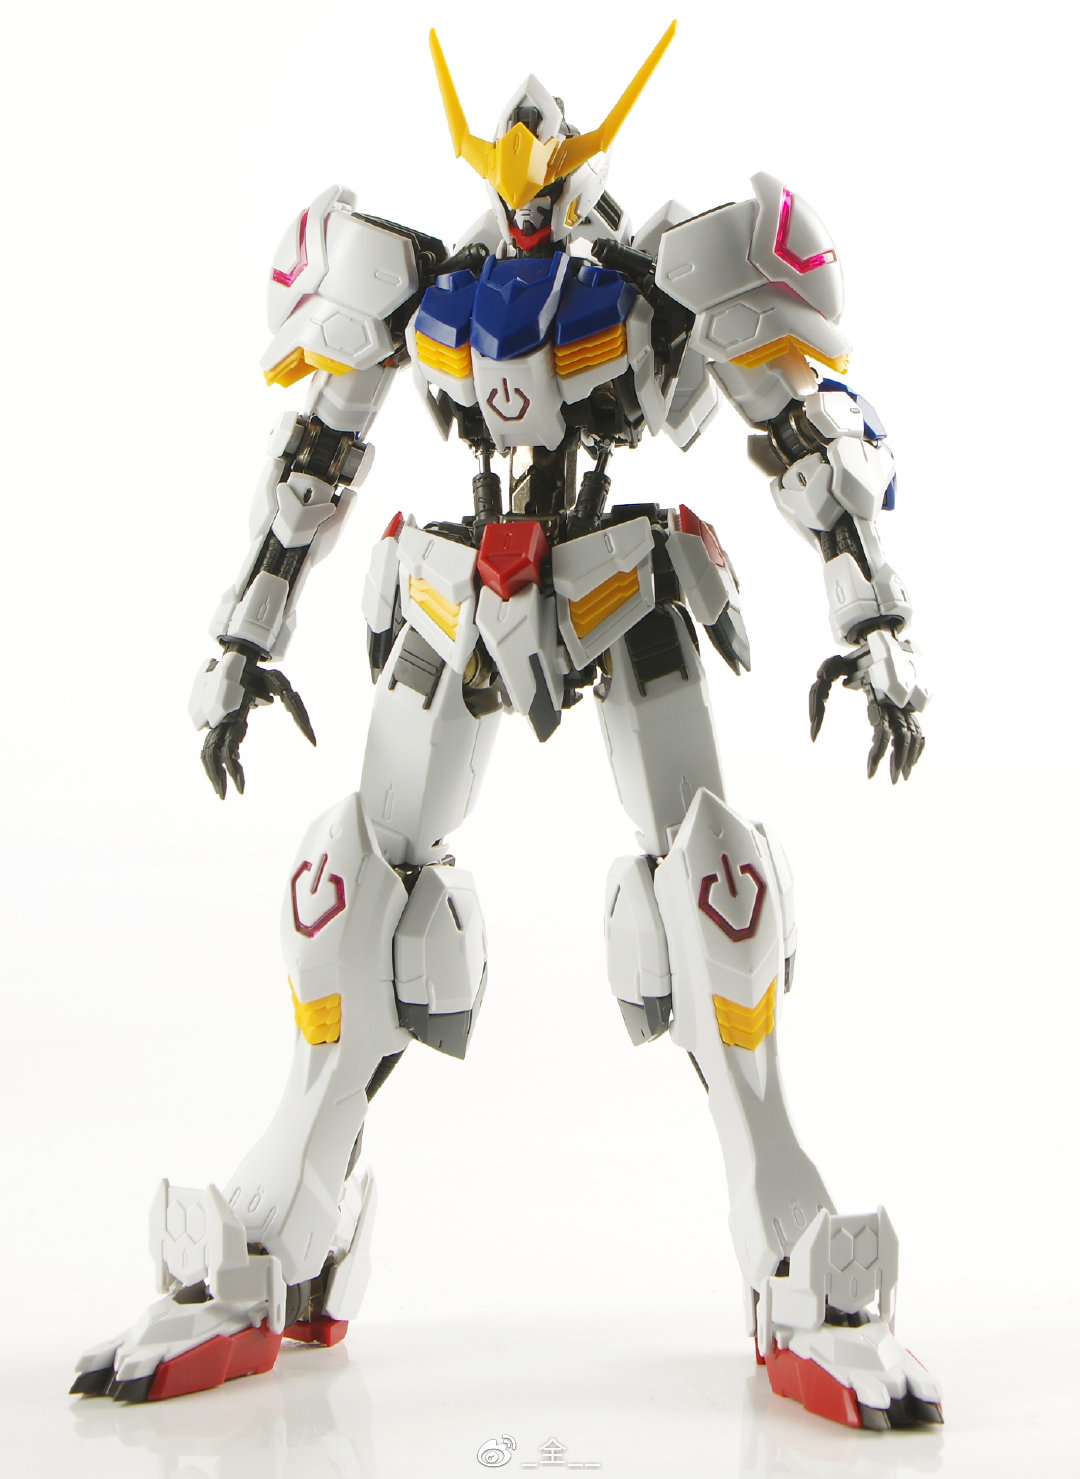 M103_mg_barbatos_metal_frame_parts_set_009_047.jpg